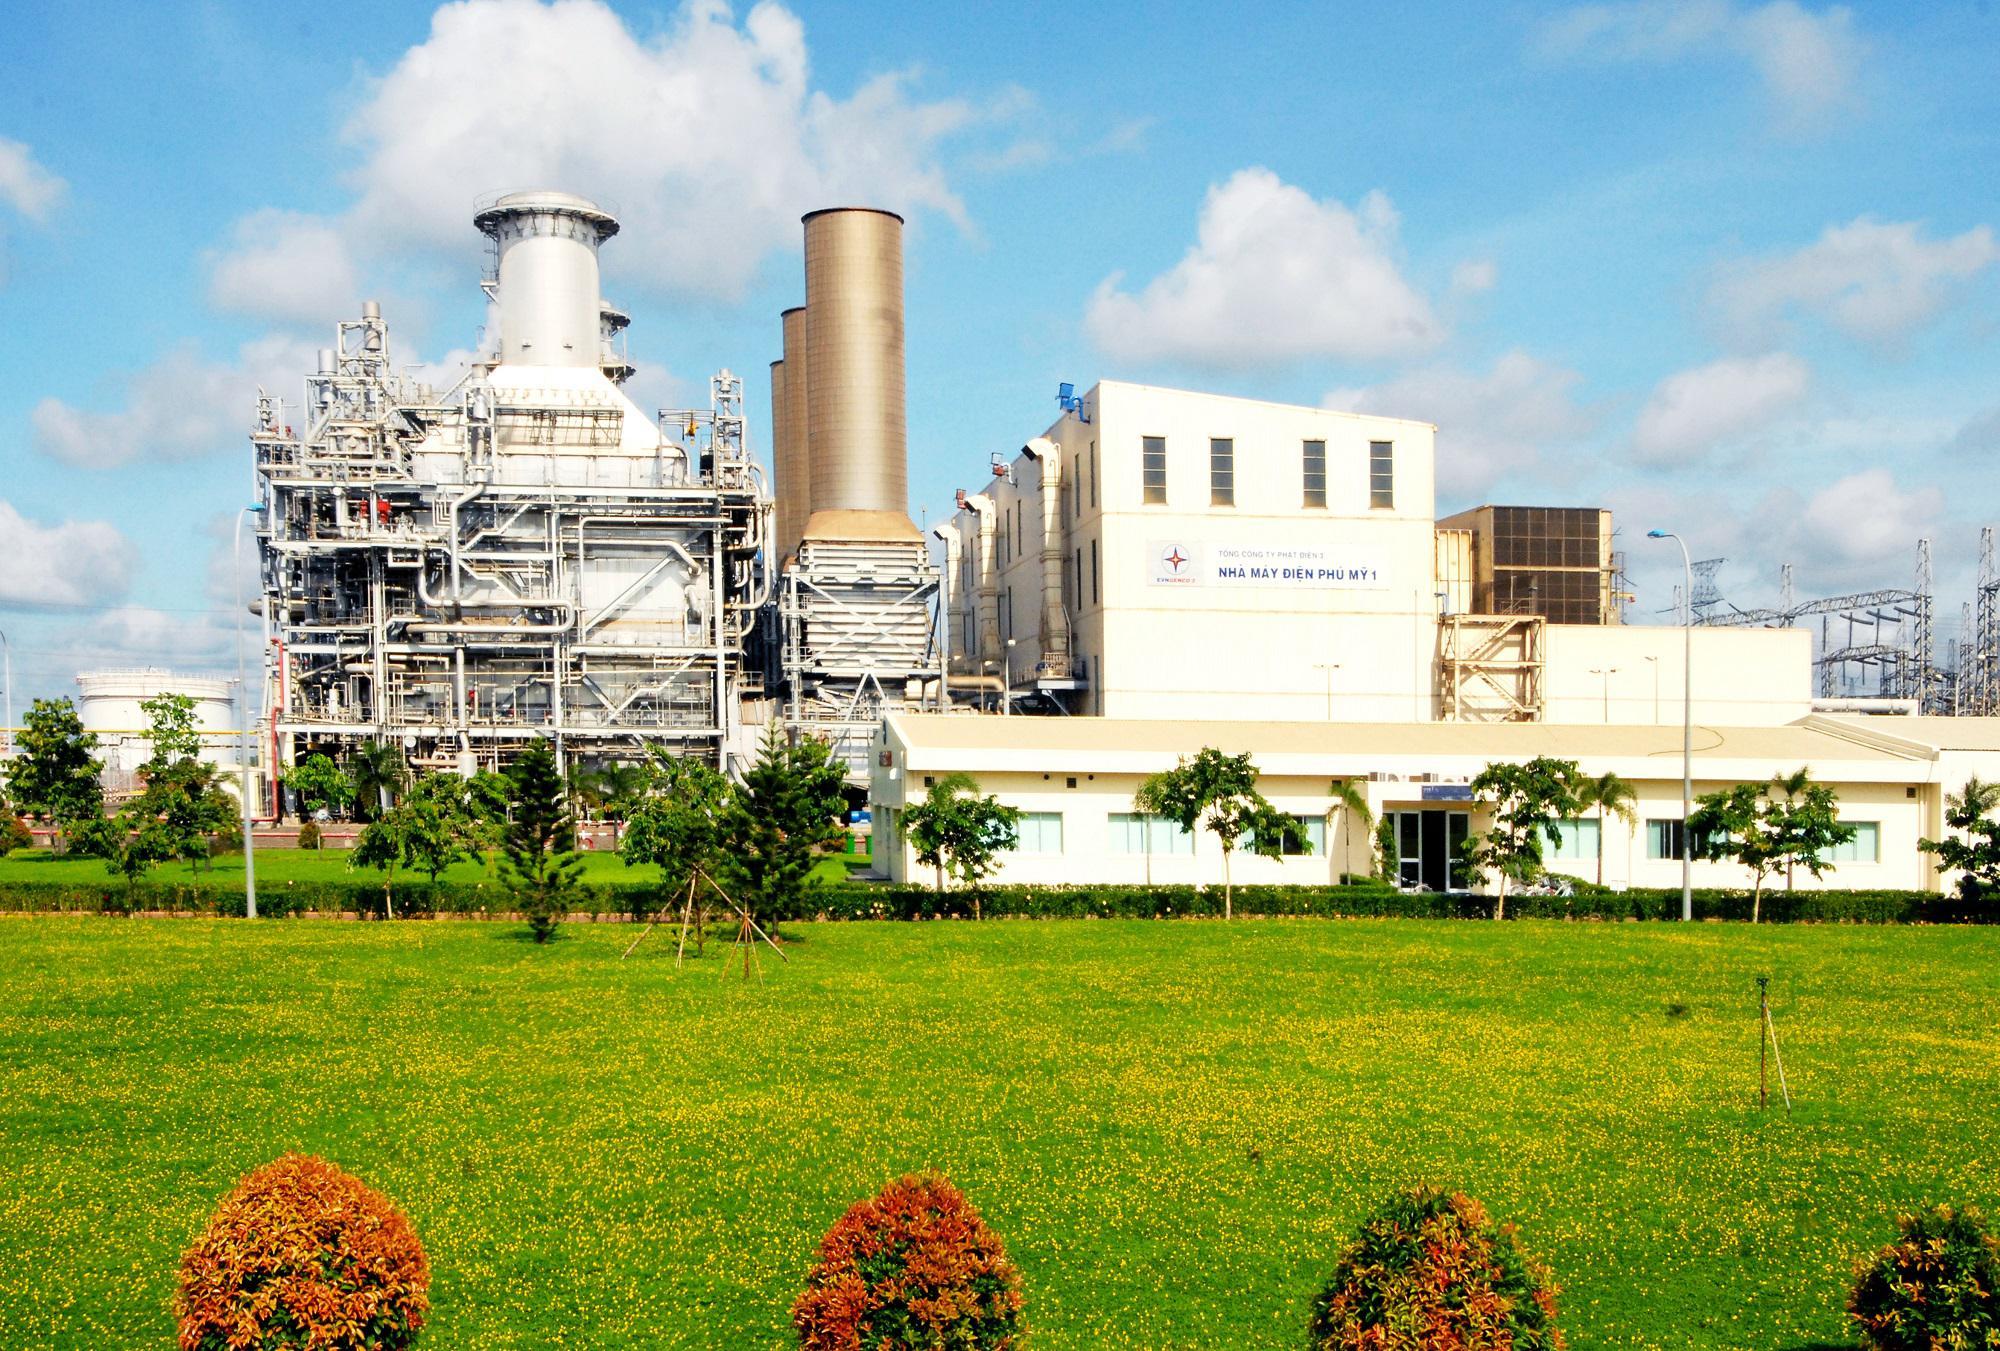 Ngành công nghiệp năng lượng nói chung, công nghiệp điện năng nói riêng có sự tăng trưởng mạnh mẽ